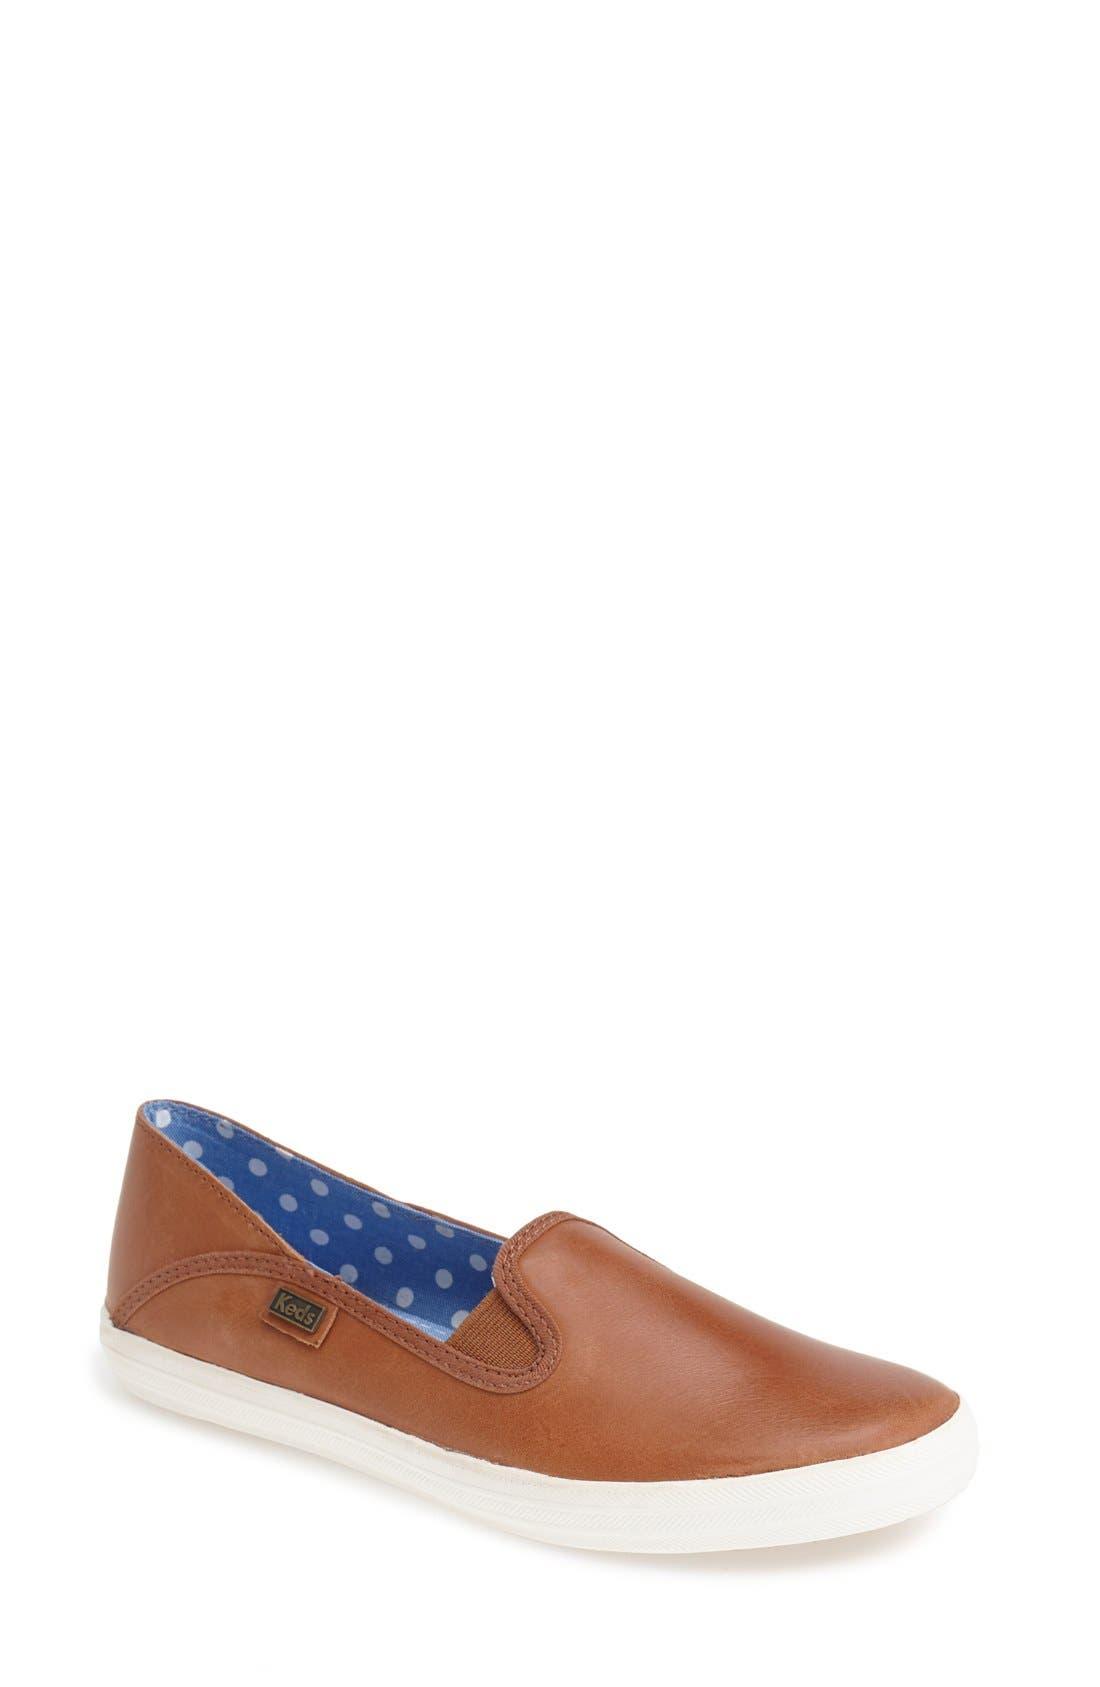 KEDS® 'Crashback' Leather Slip-On